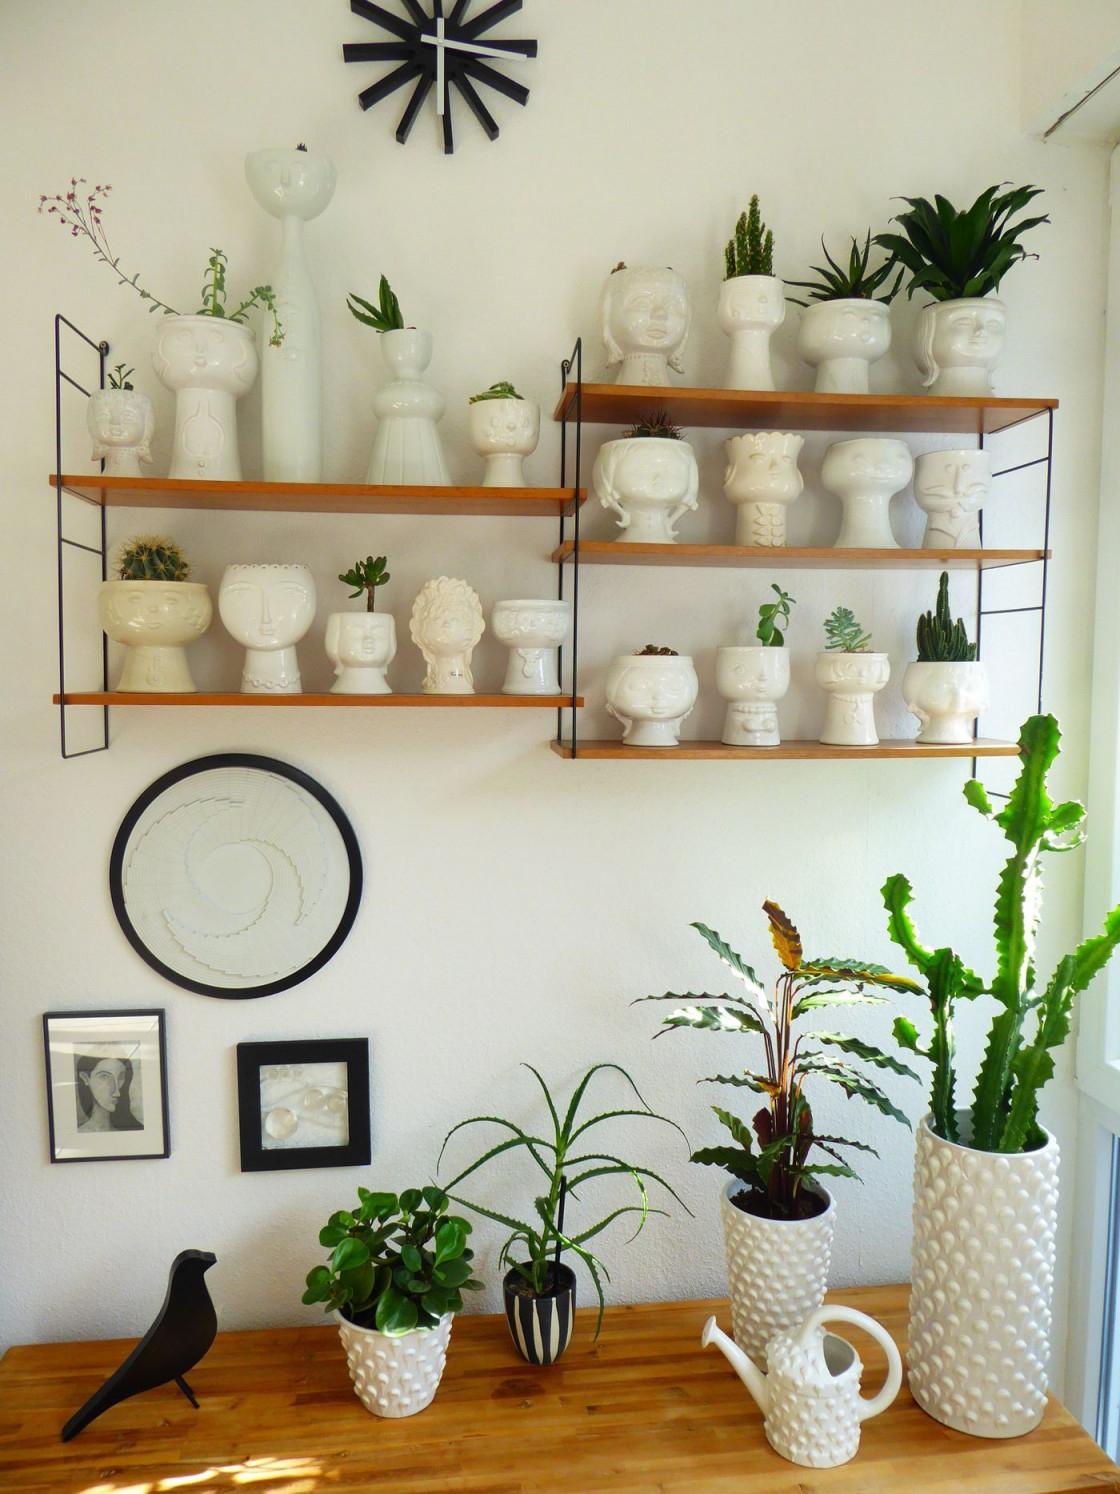 Wohnzimmer Die Schönsten Ideen  Seite 317 von Blumentopf Ideen Wohnzimmer Photo